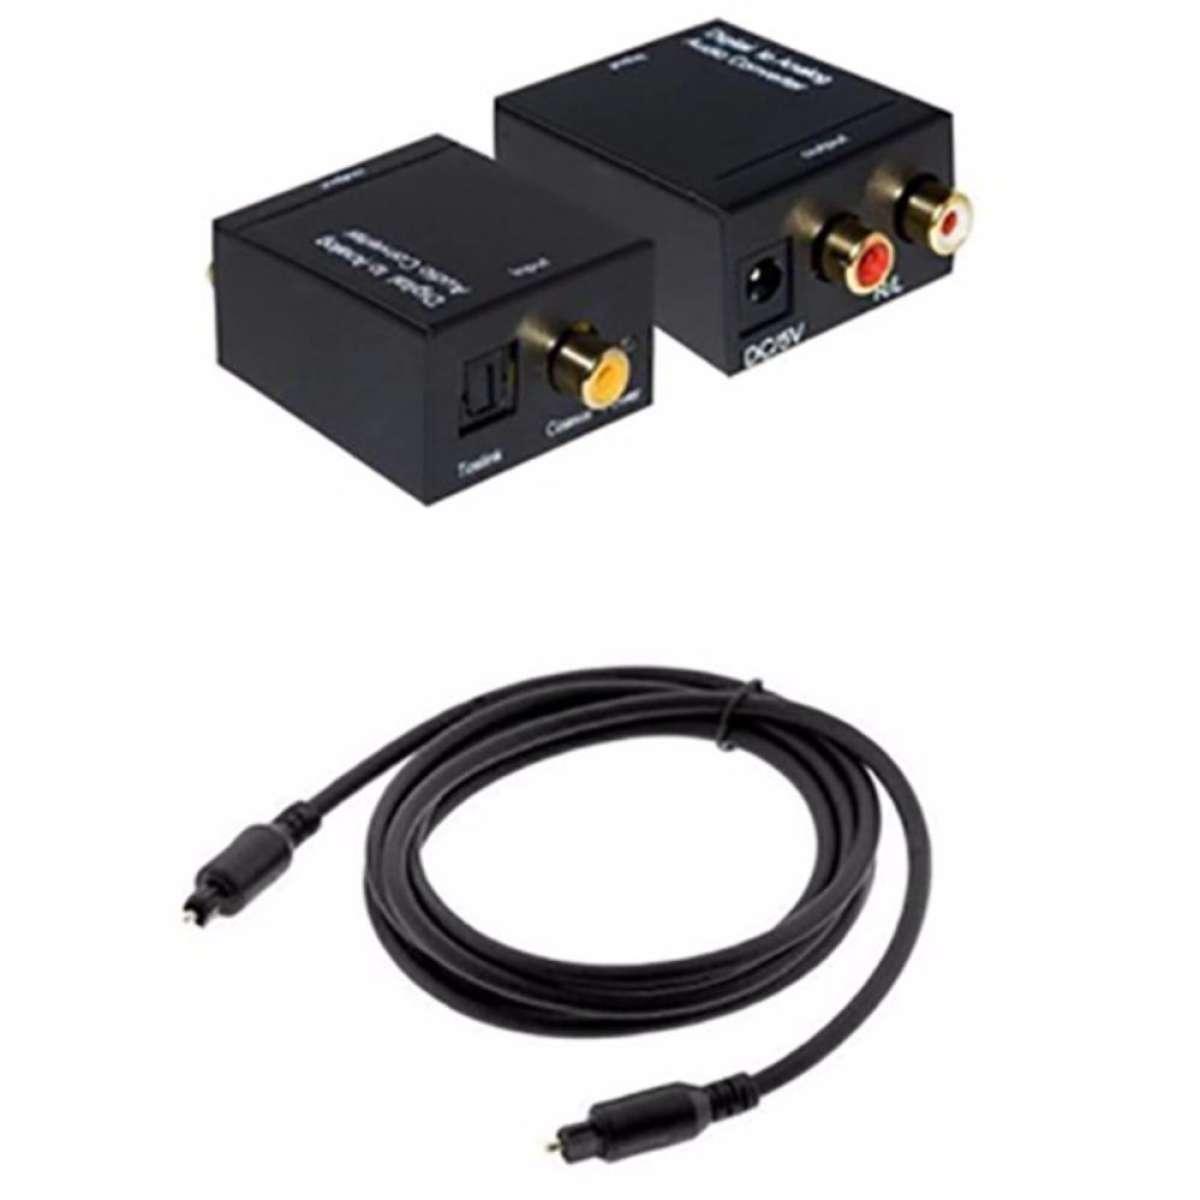 Bộ chuyển đổi tín hiệu Optical To Av tặng kèm dây optical và dây AV